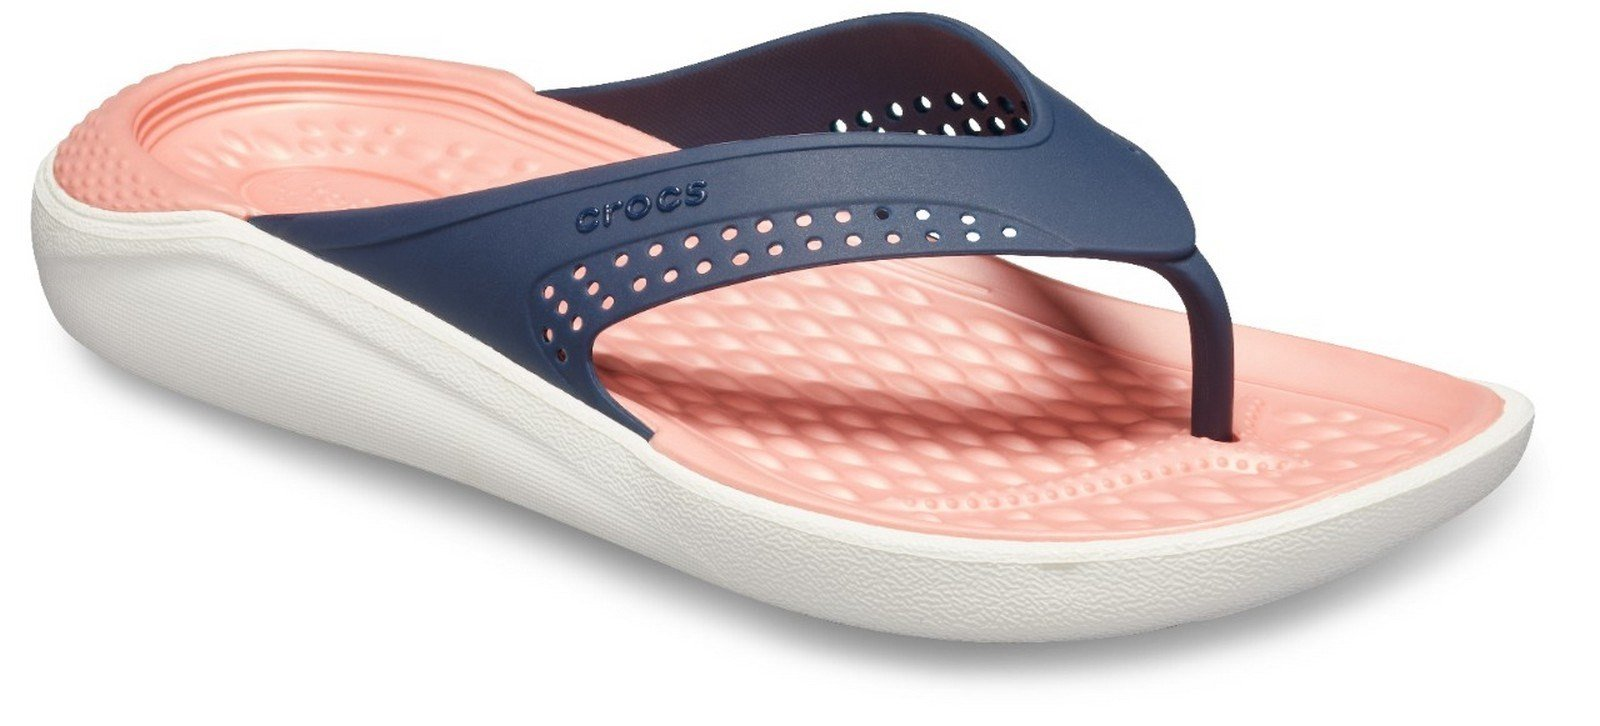 Crocs Unisex LiteRide Flip Flop Various Colours 26904 - Navy/Melon 3